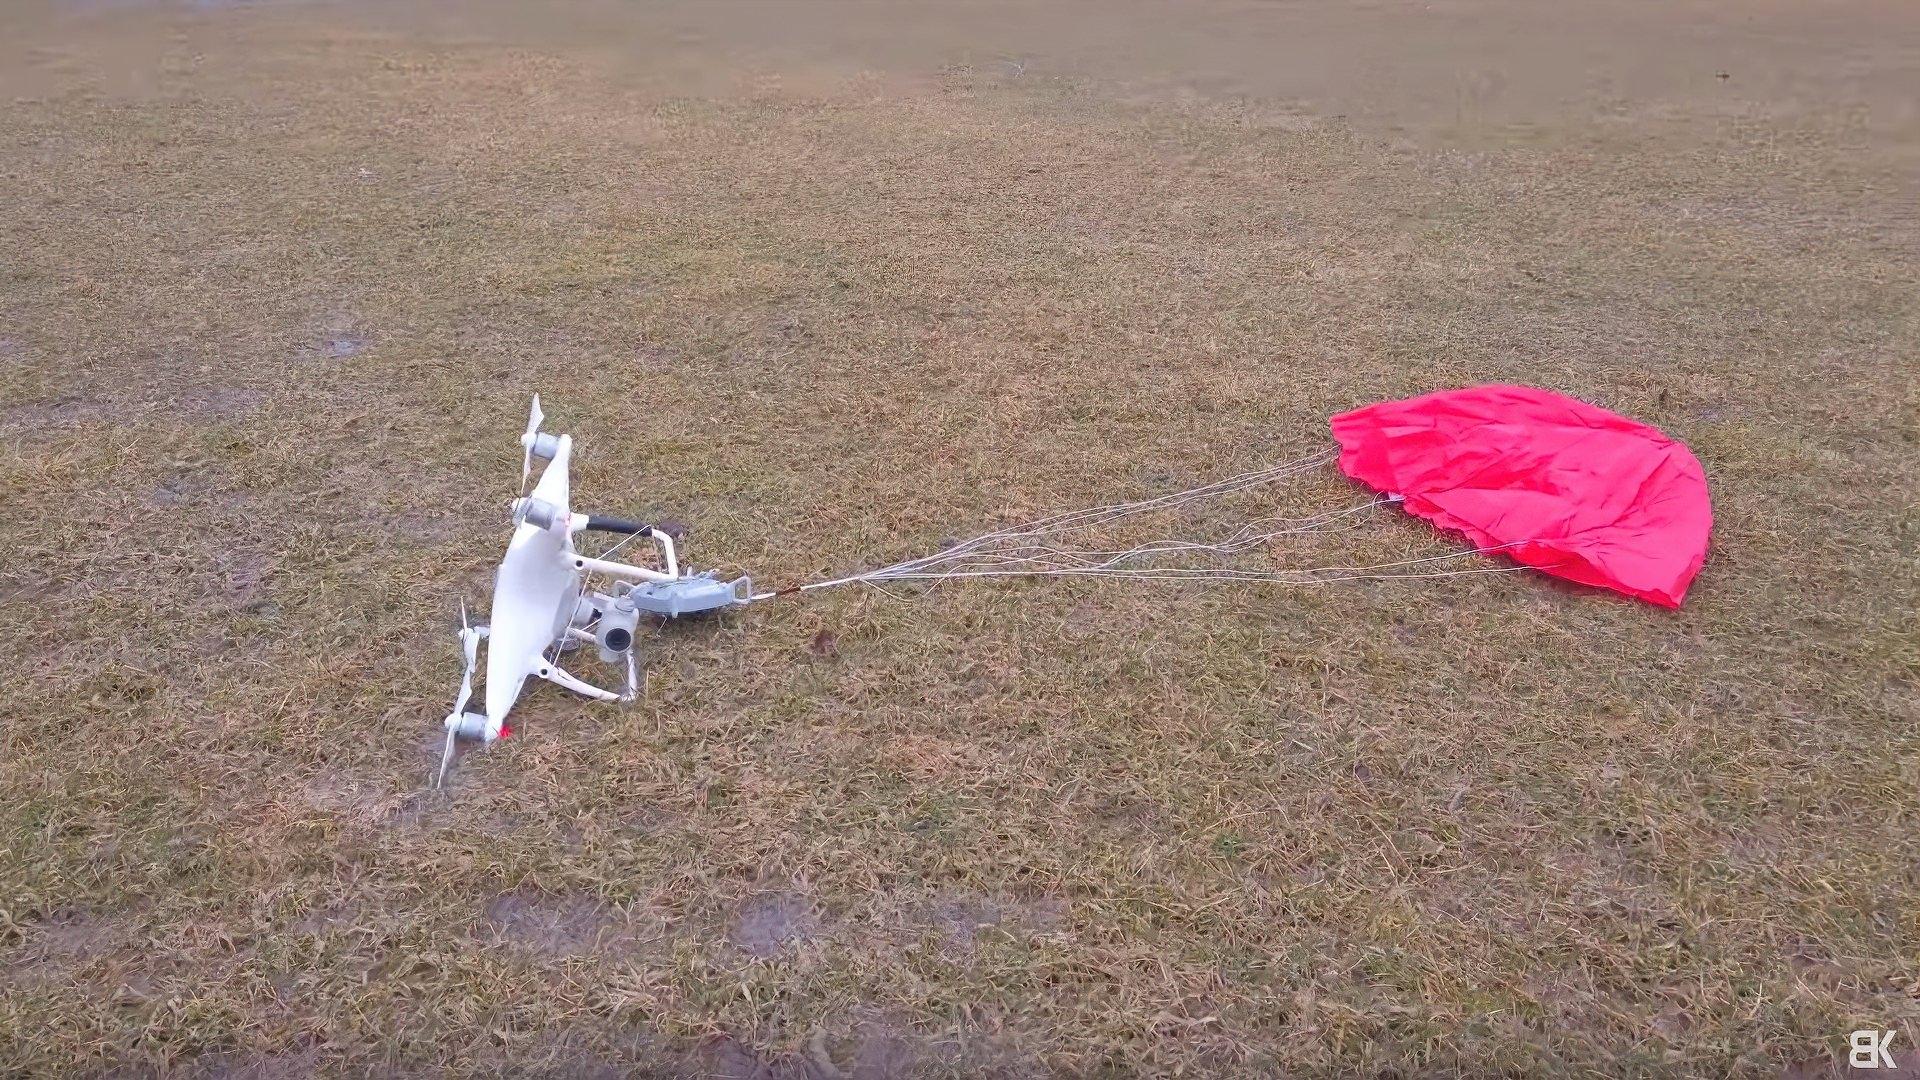 ParaZero SafeAir parachute system tested on DJI Phantom